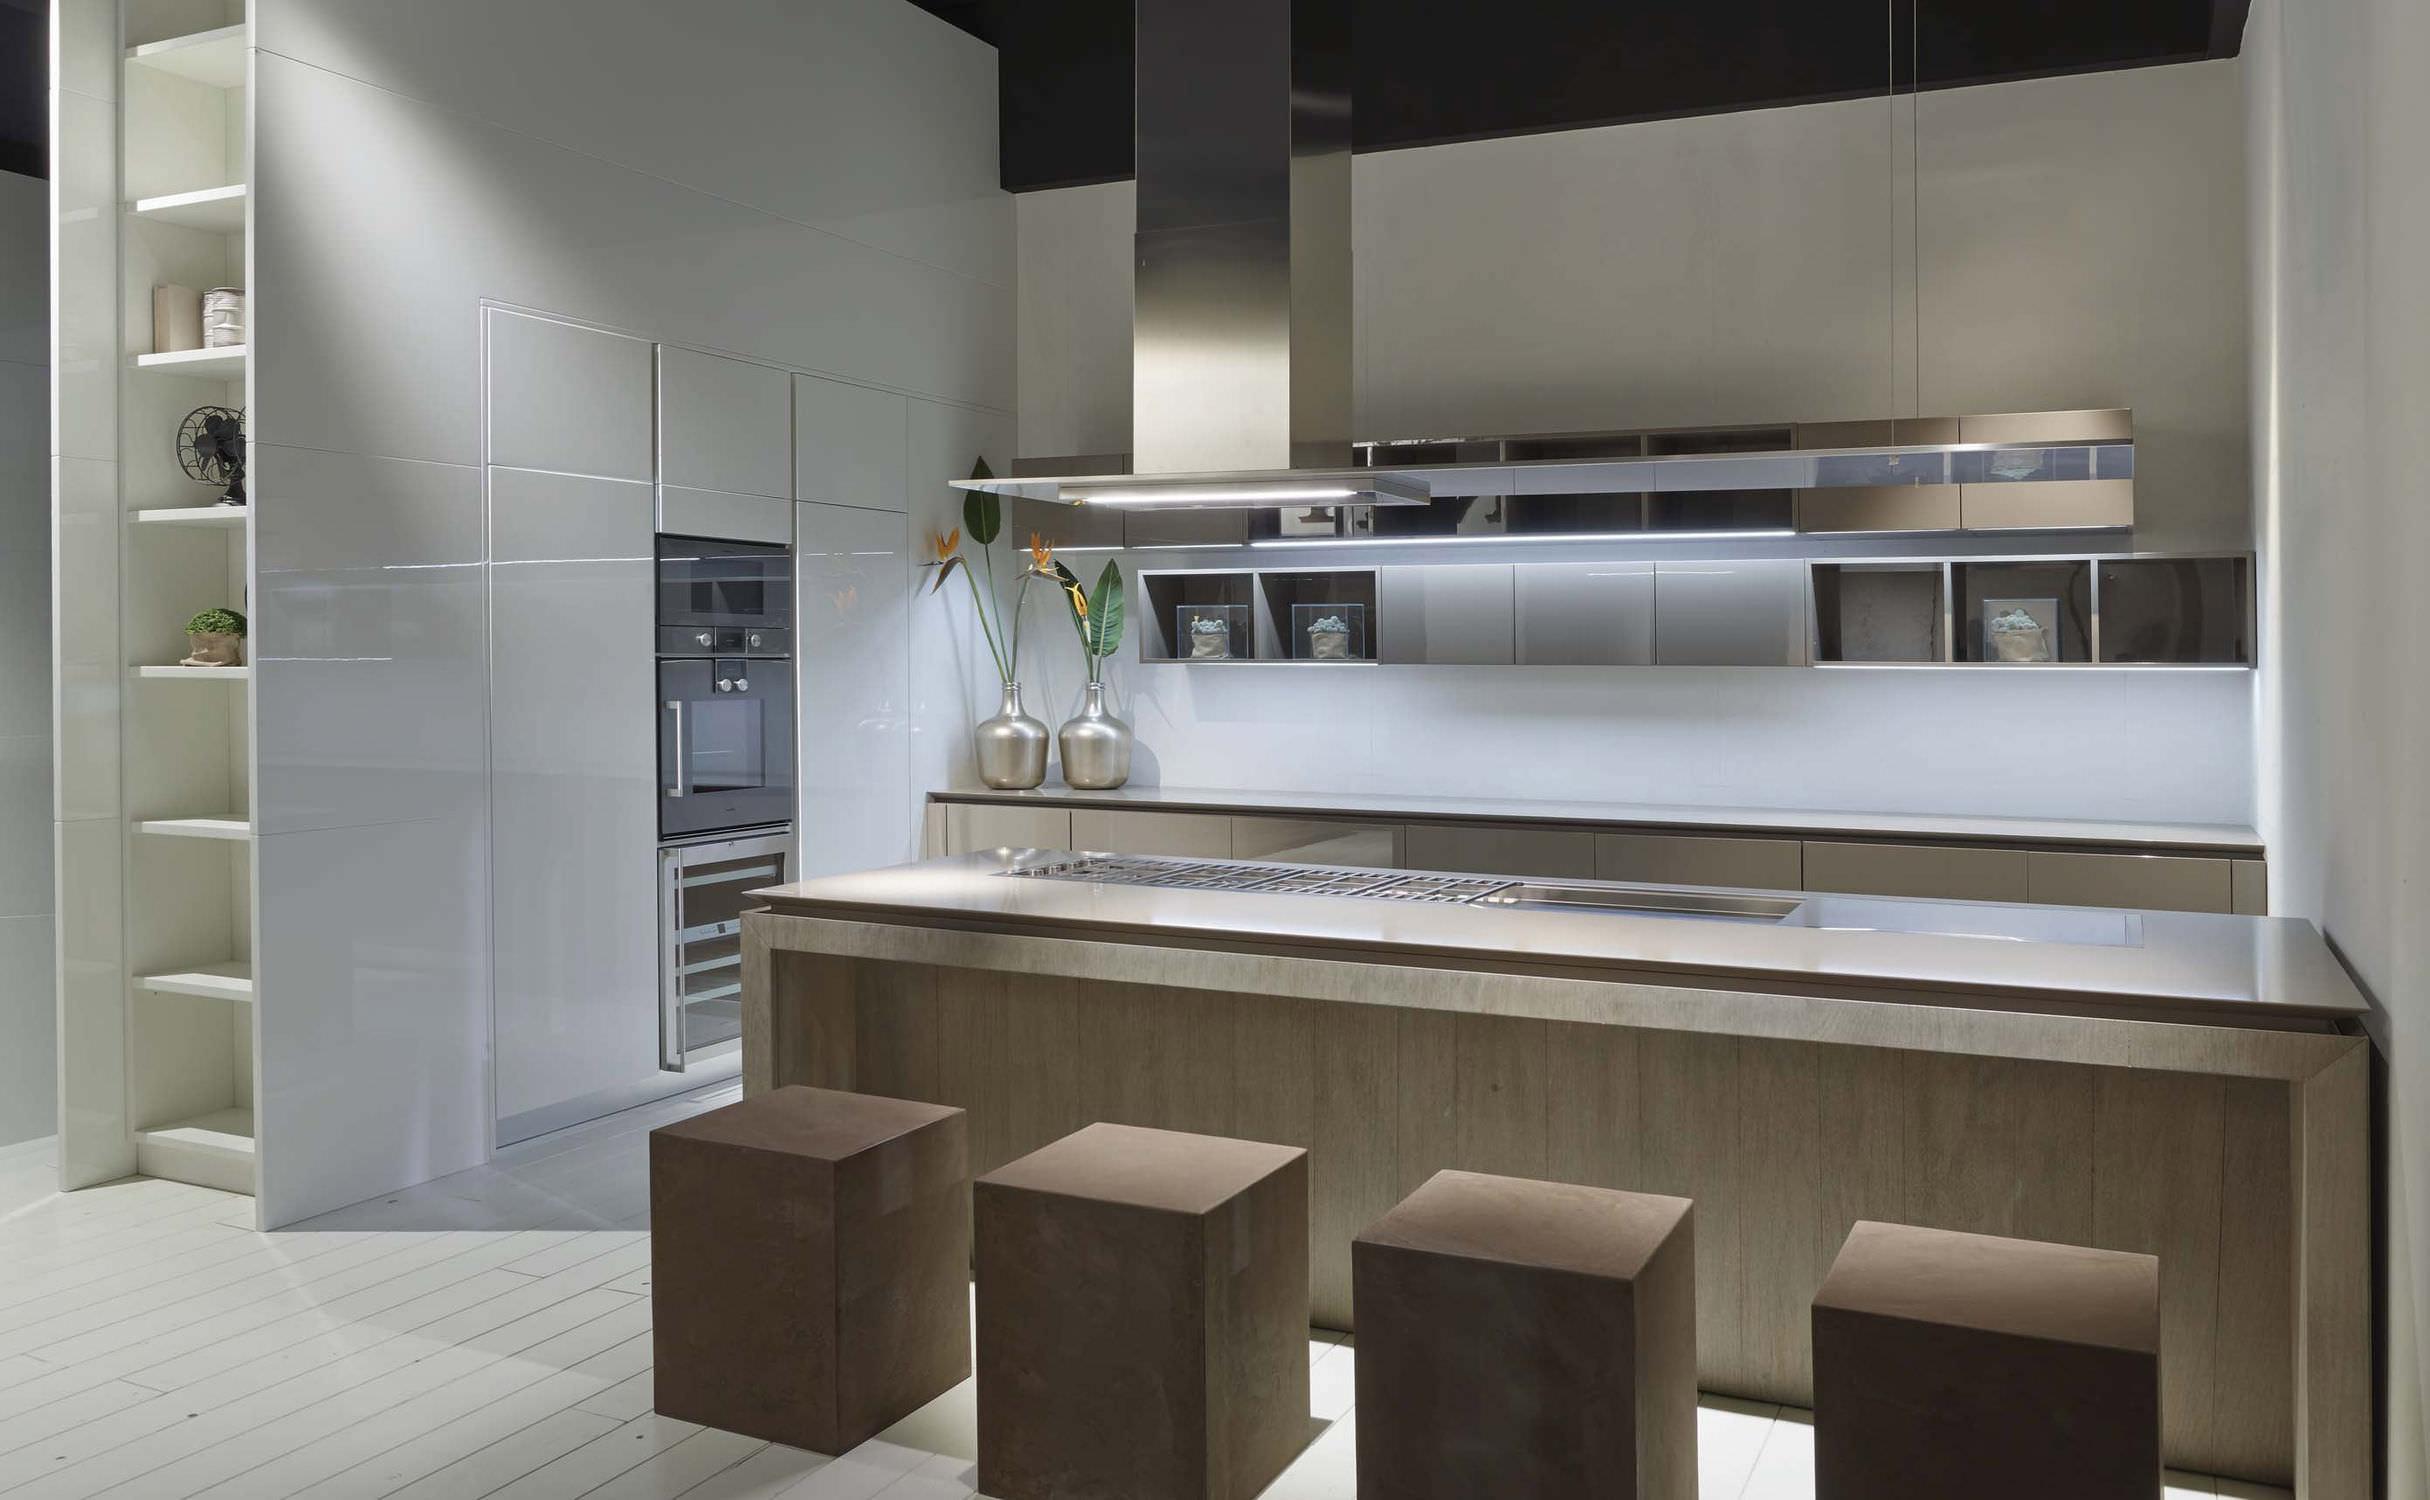 en contemporaine laquée bois Cuisine avec plaqué îlot yNOvn80wPm